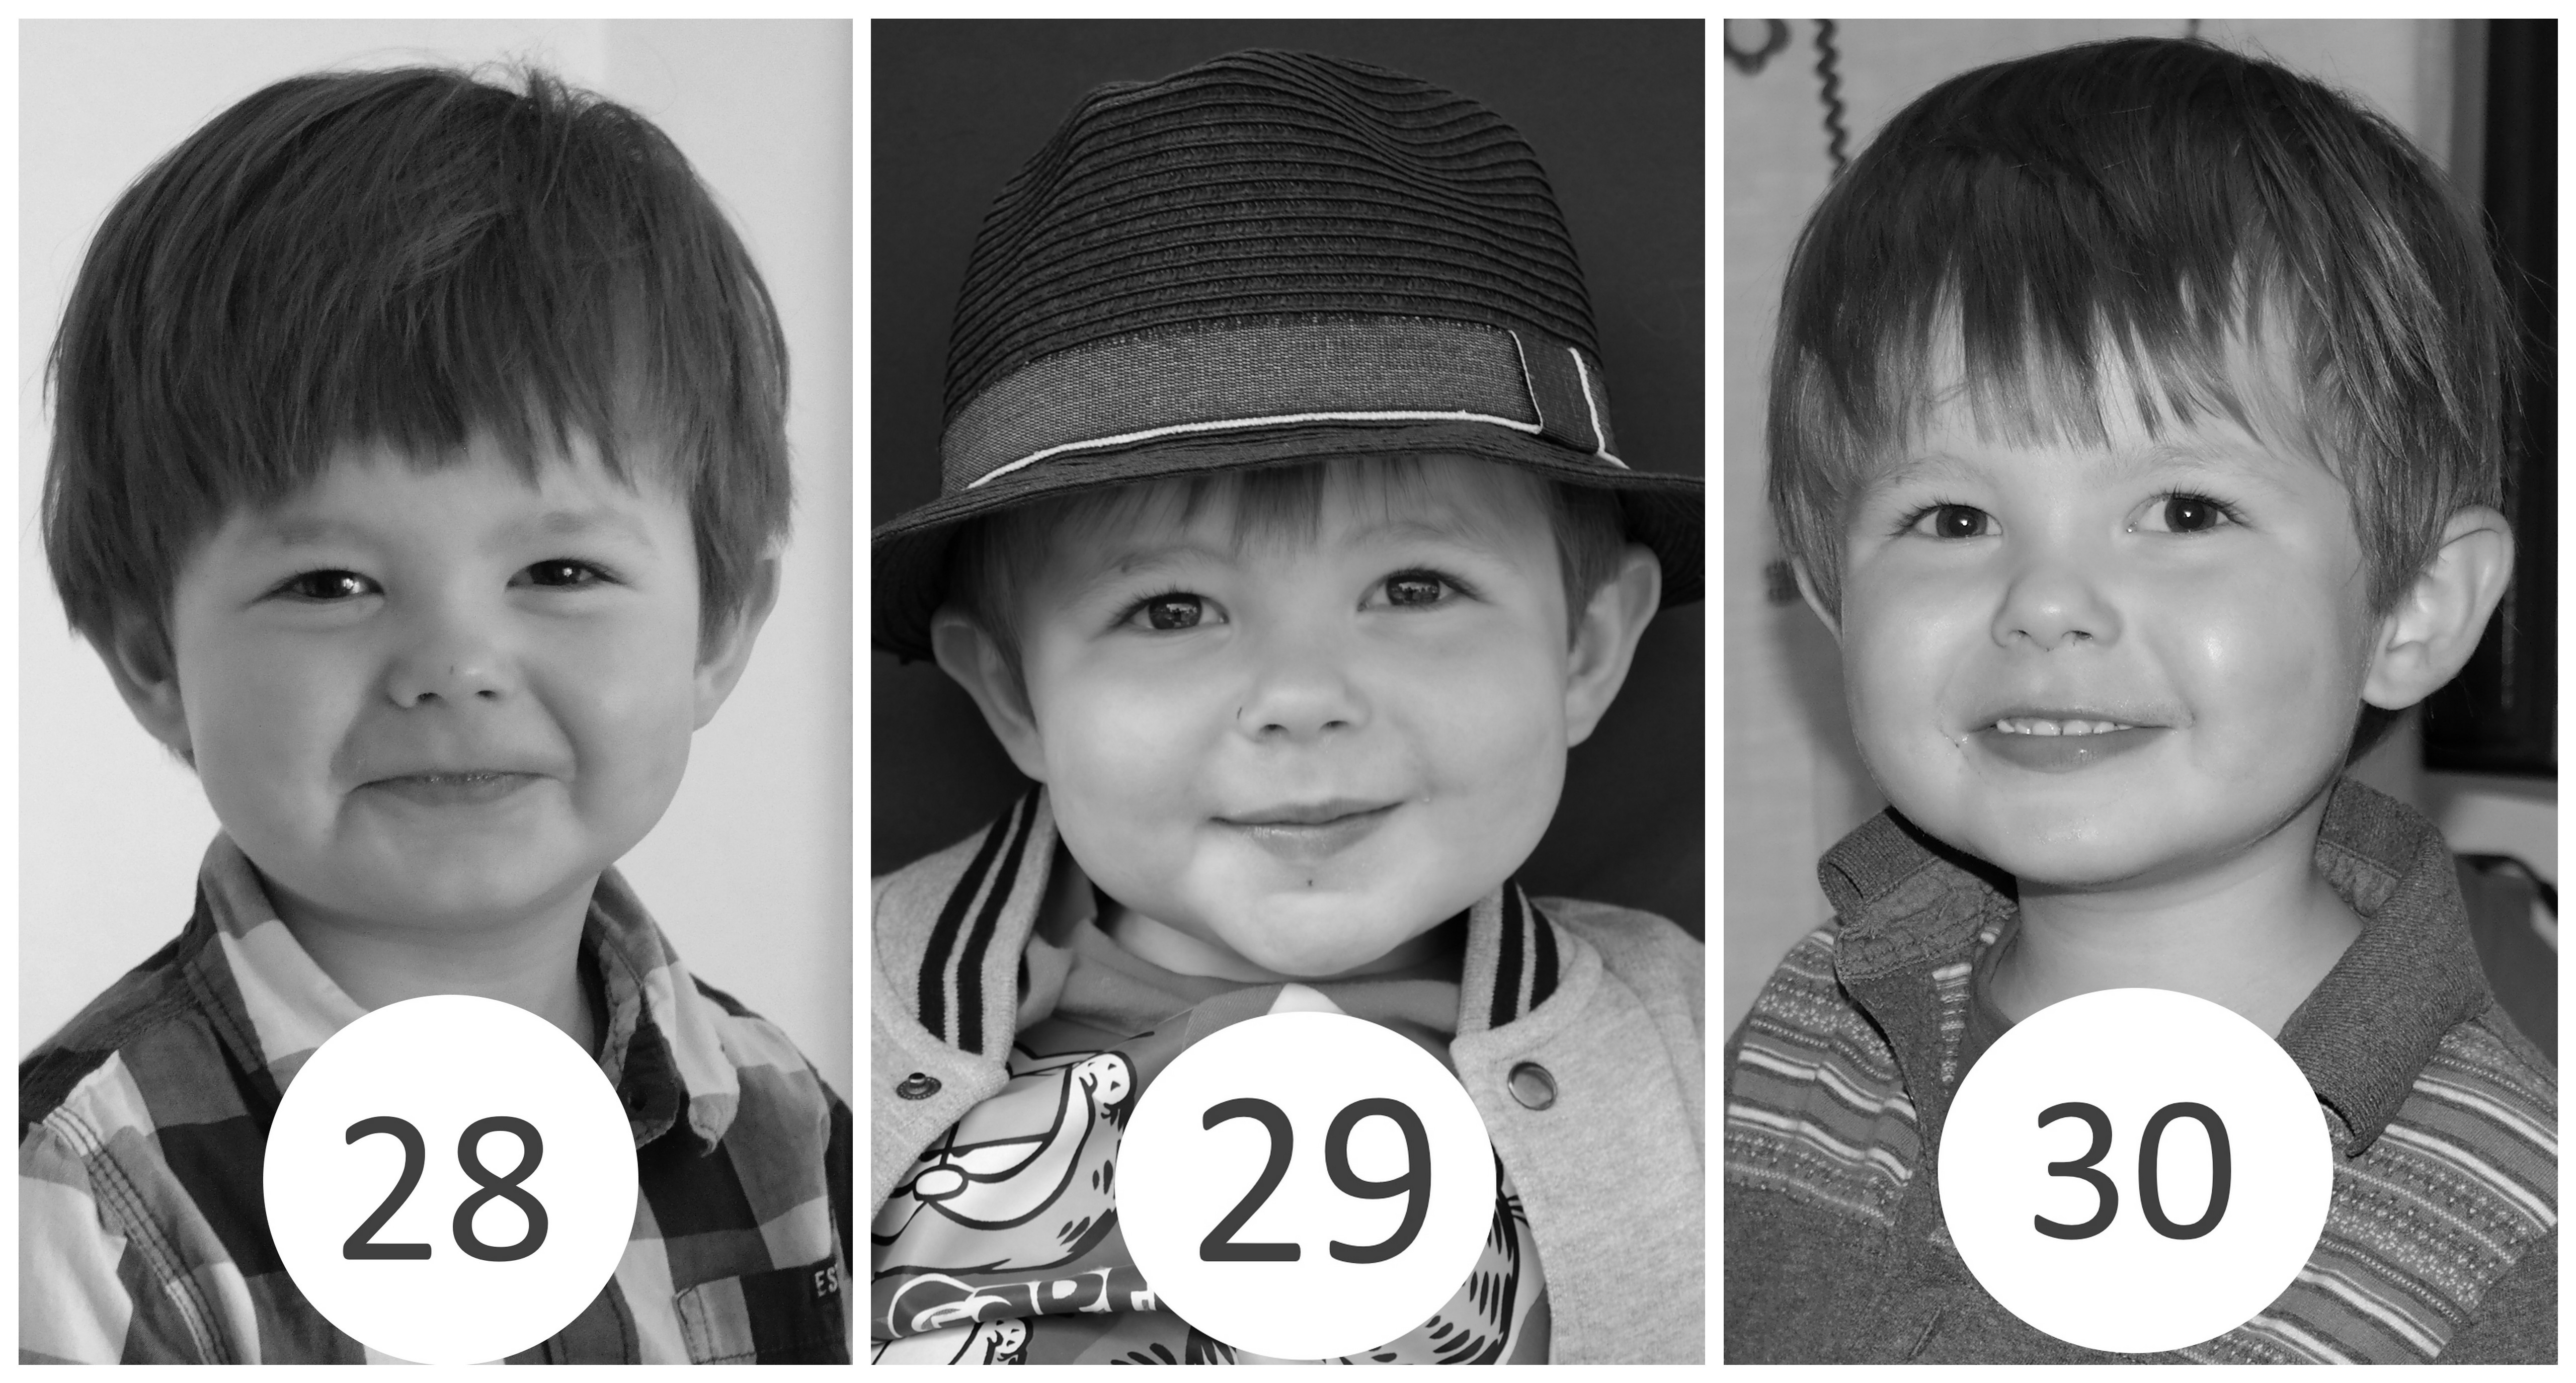 28 – 30 miesiąc życia dziecka.